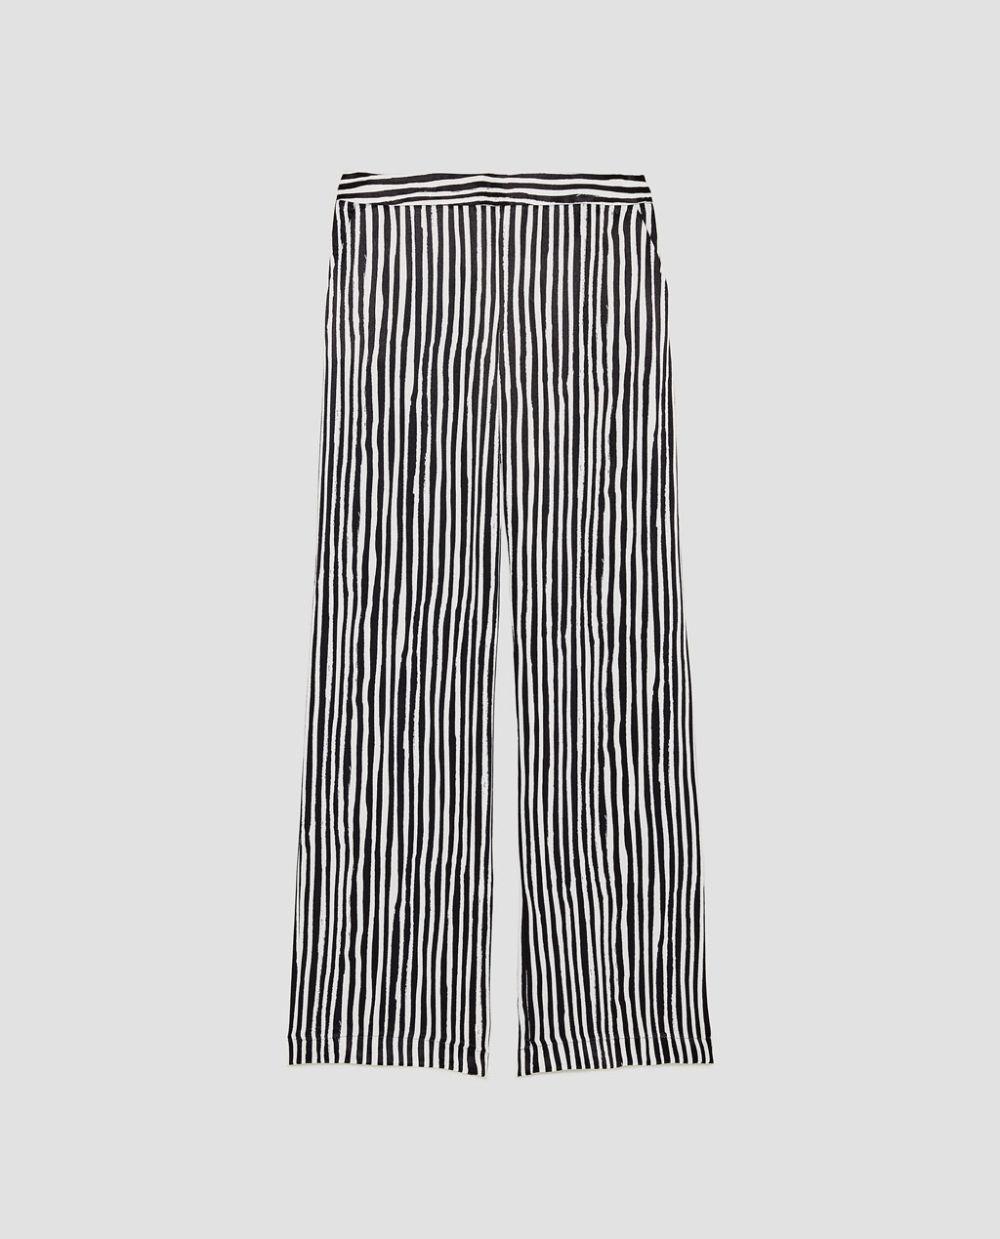 Pantalón a rayas de Zara (29,95 euros).